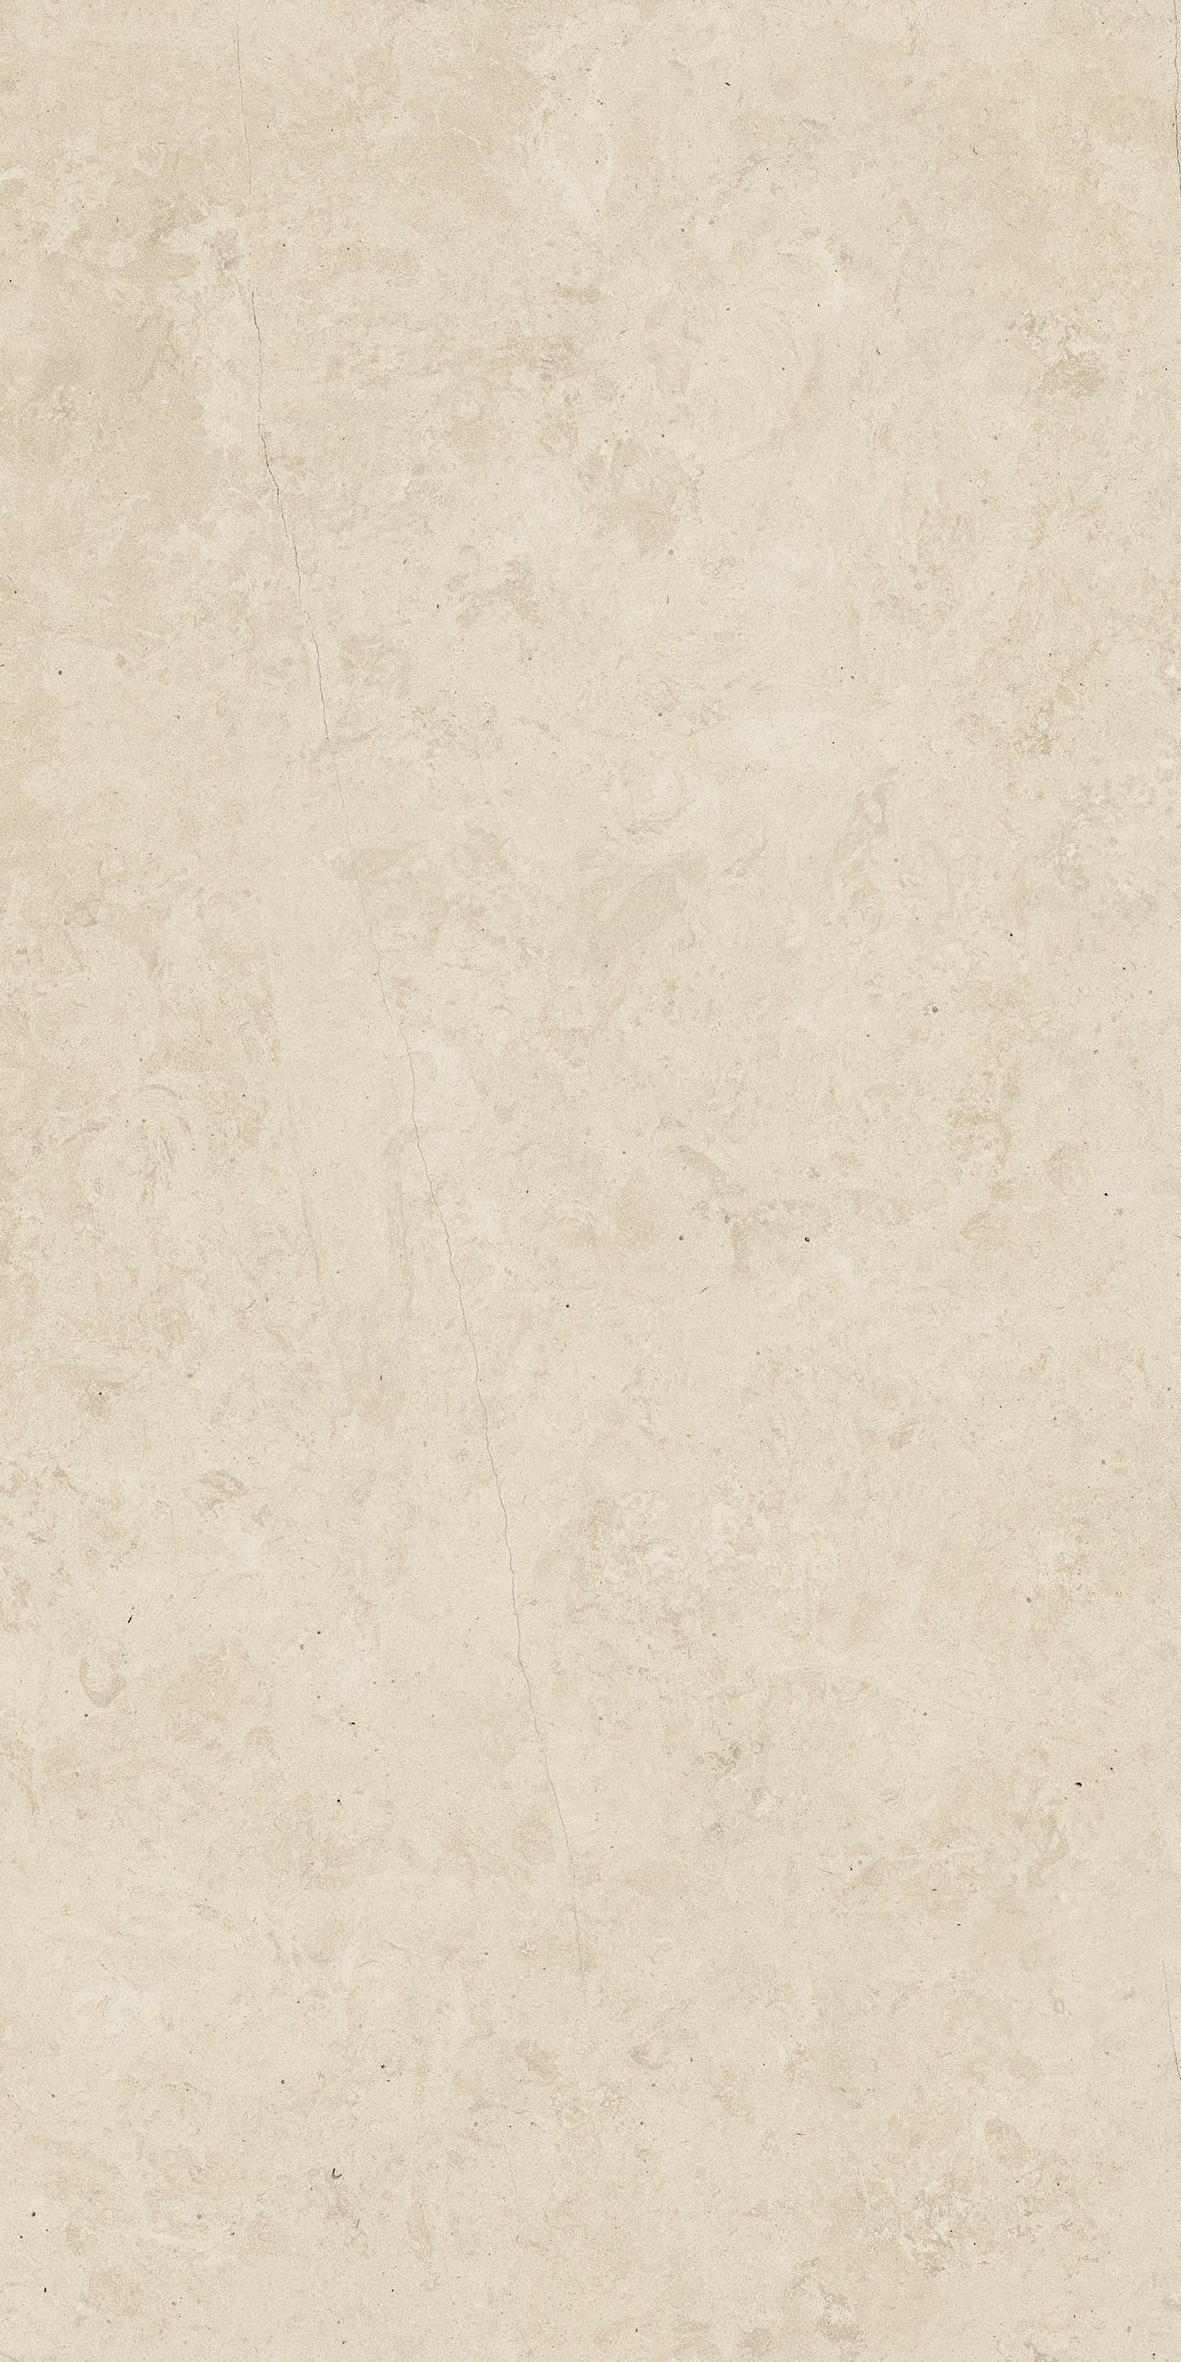 плитка из керамогранита структурированная italon дженезис 30x60 серый 610010001387 Плитка из керамогранита матовая Italon Дженезис 30x60 белый (610010001379)